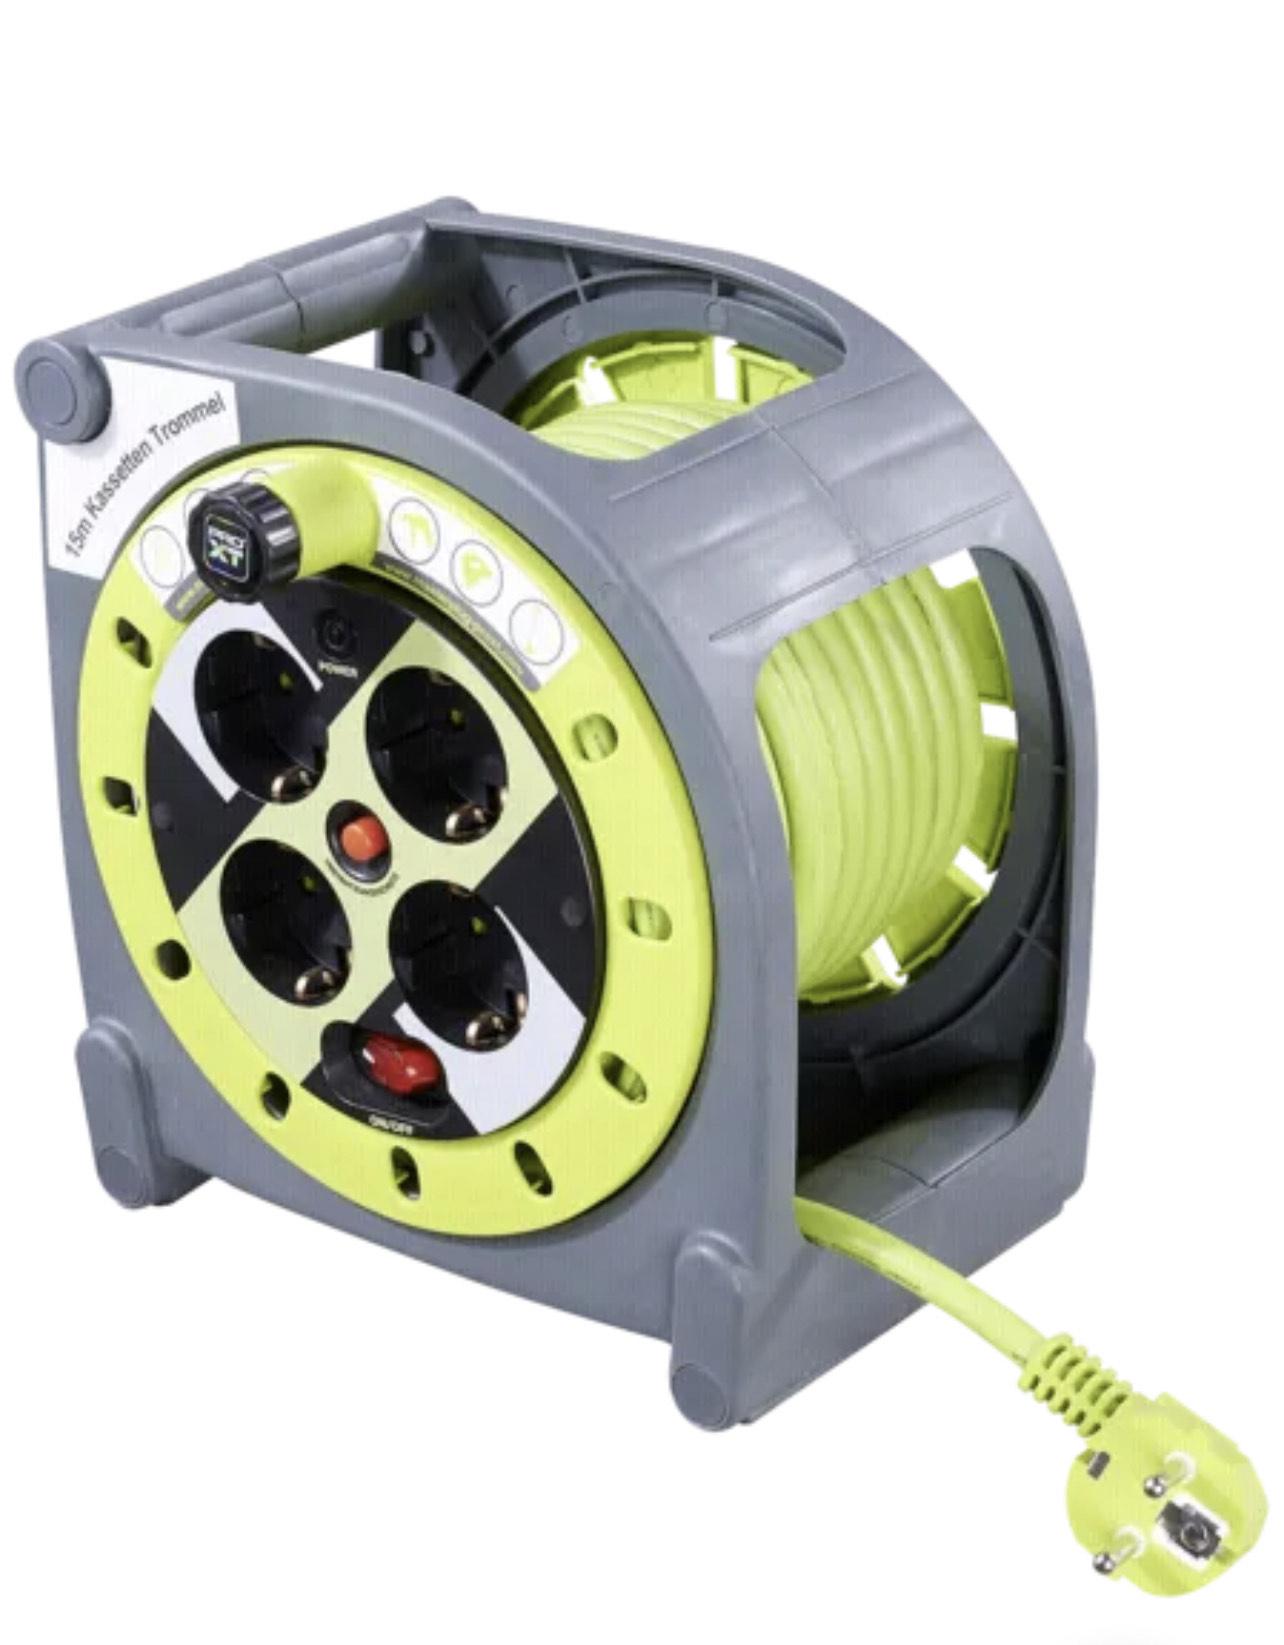 [Maingau-Energie Kunden] Masterplug ProXT Kabeltrommel M 15m